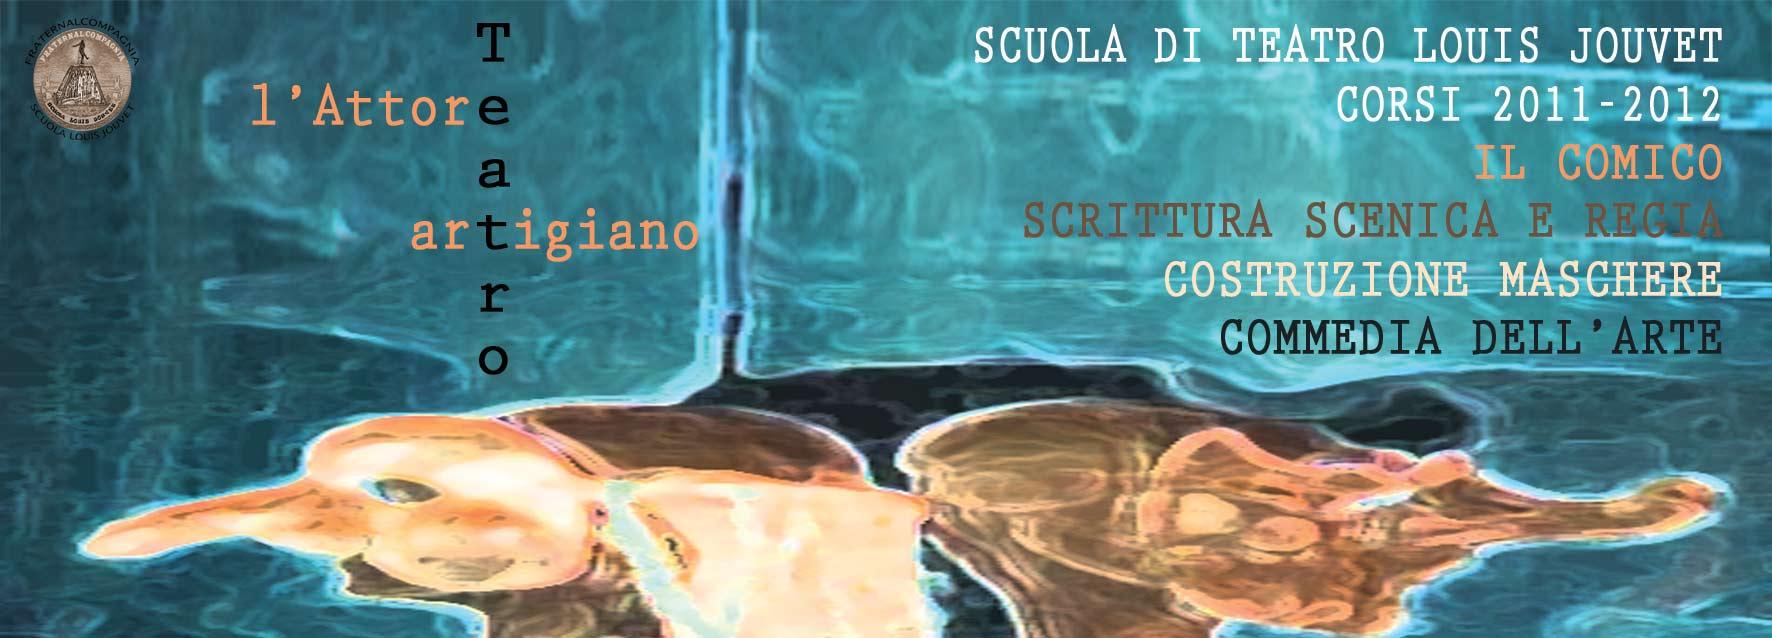 SCUOLA DI TEATRO LOUIS JOUVET 2011/2012 – 24 OTTOBRE PRESENTAZIONE